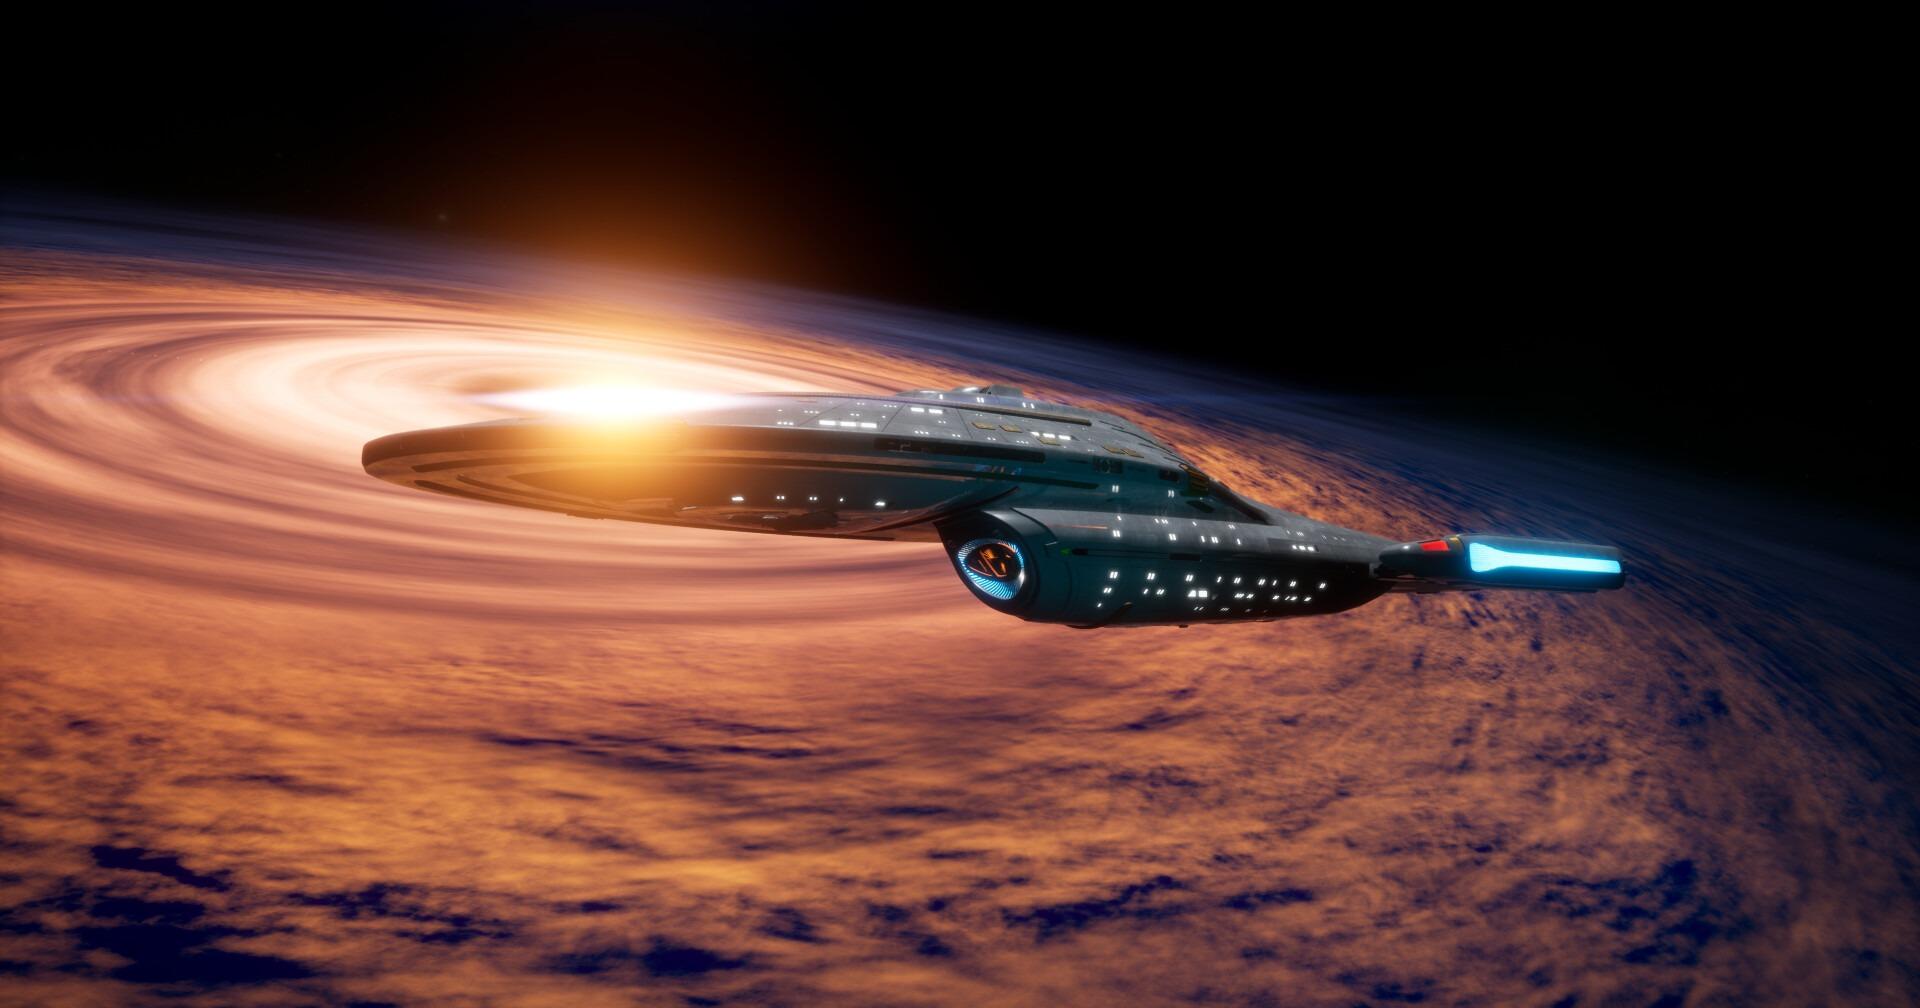 Star Trek Videospiel Vorschau STVGP - Die U.S.S. Voyager